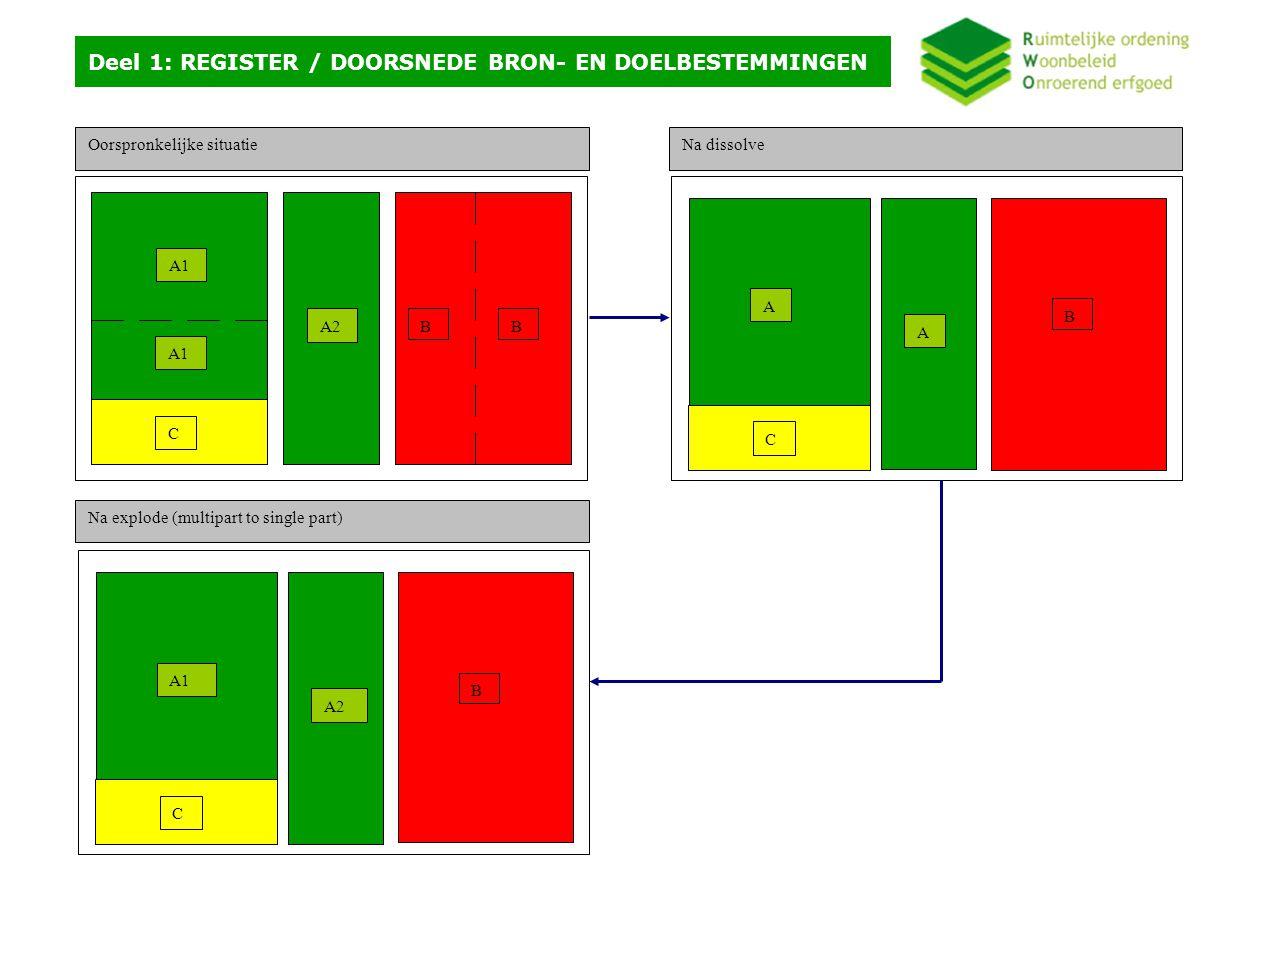 Deel 1: REGISTER / FILTEREN OP GEBRUIKSPERCELEN (VLM) Selecteer en Exporteer: - uit laag pb04 - voor veld bd bd = LDB_GRO Outputlaag: pb05 Doorsnede (Intersect): -laag pb05 -laag landbouwgebruikspercelen (VLM) Outputlaag: pb06 Selecteer en Verwijder: - uit laag pb04 - voor veld bd bd = LDB_GRO Voeg samen (Merge): - laag pb04 - laag pb07 Outputlaag: pb Samenvoegen (dissolve): -voor laag: pb06 -op veld: bd Opsplitsen (explode - multipart to single part): - in laag: pb07 Hier gebeurt de filter van gebieden die een bestemmingswijziging ondergraan van landbouw naar groen tot op het niveau van landbouwgebruikspercelen.